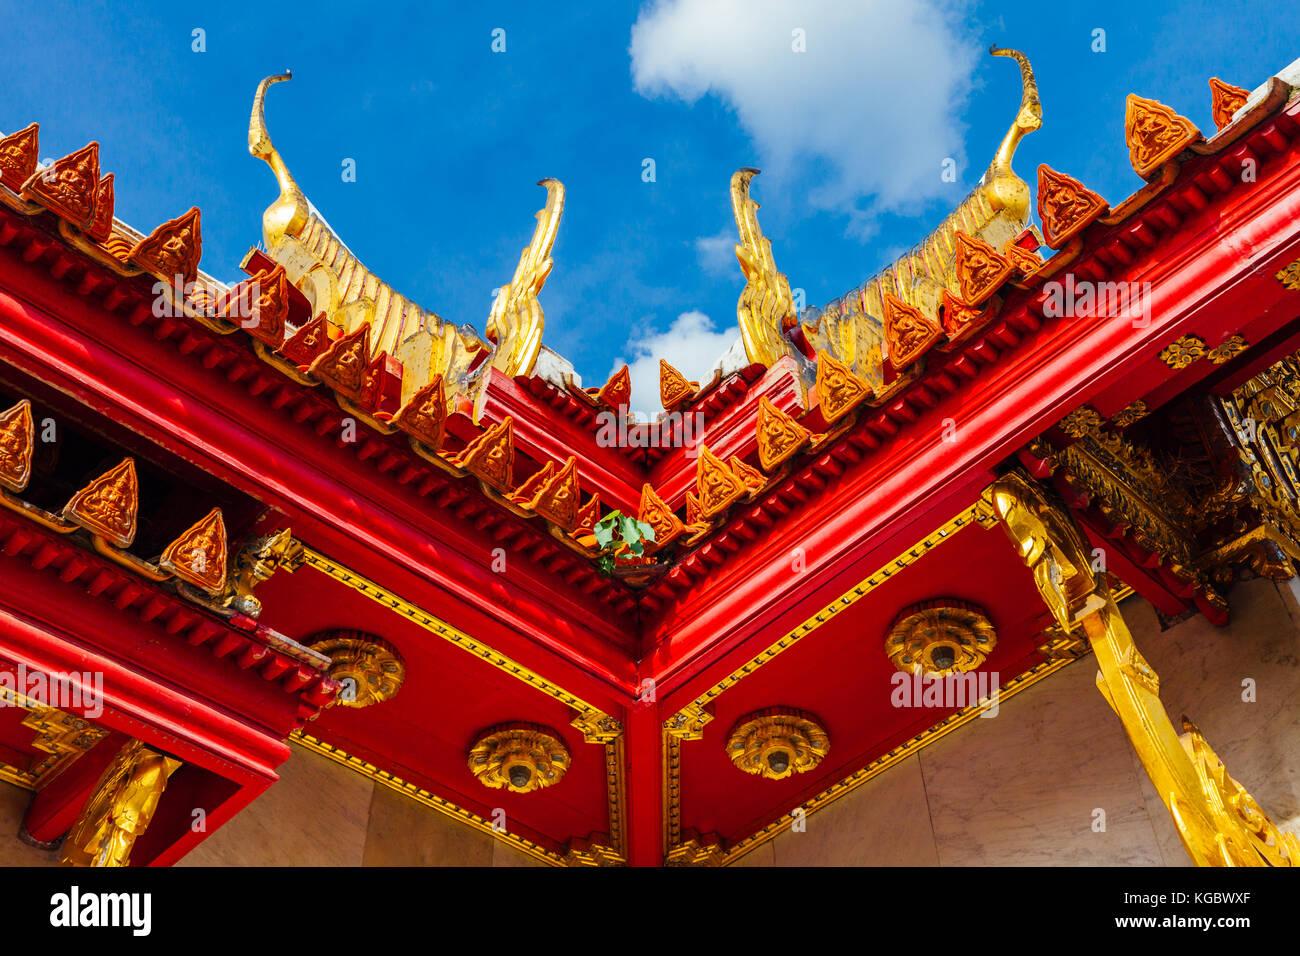 Bangkok, Tailandia - 10 settembre 2016: dettagli architettonici di Wat Benchamabophit conosciuto anche come tempio Immagini Stock